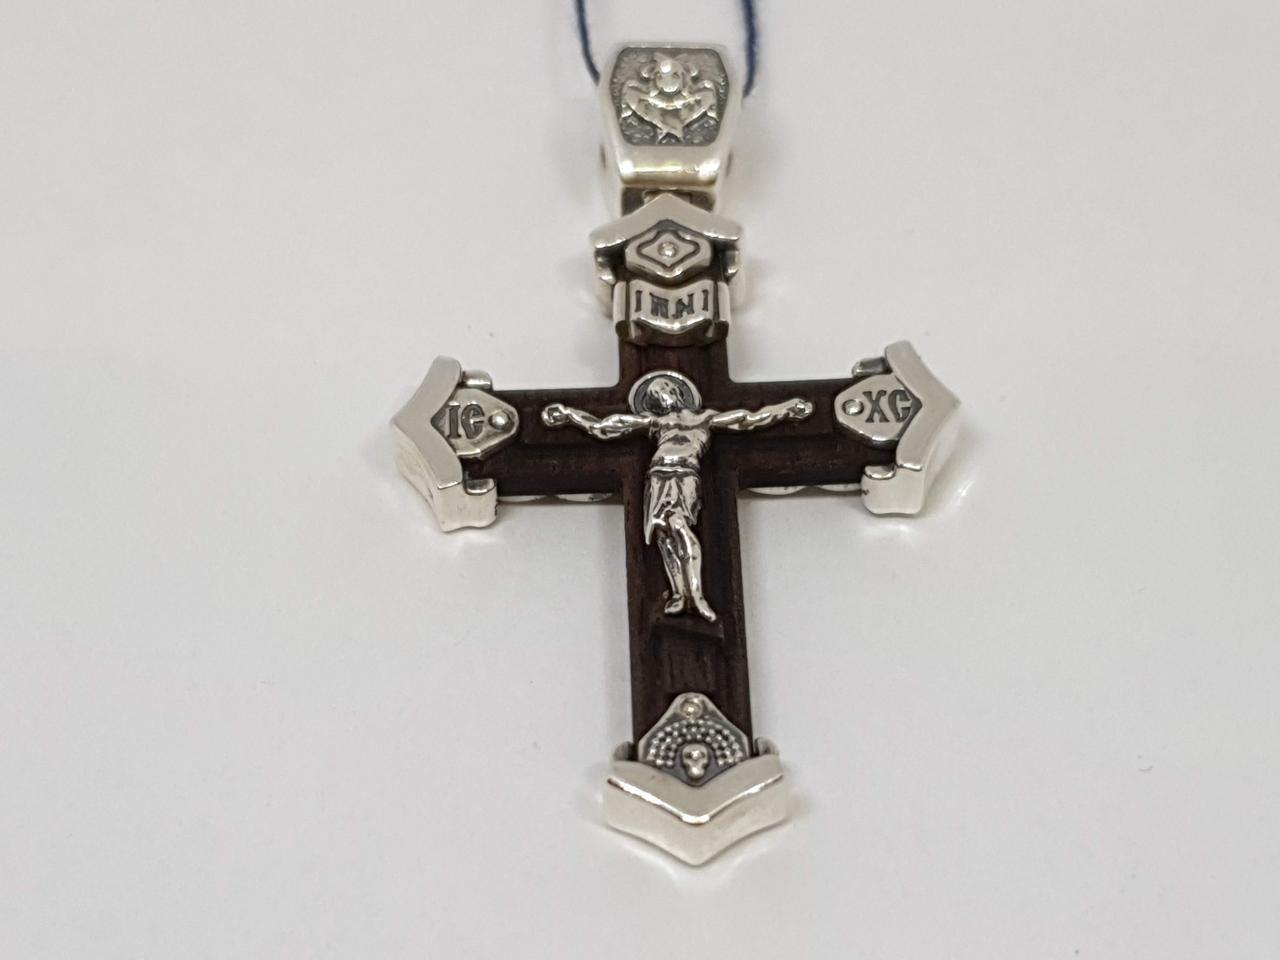 Серебряный крест Распятие Христа с эбеновым деревом. Артикул 2053